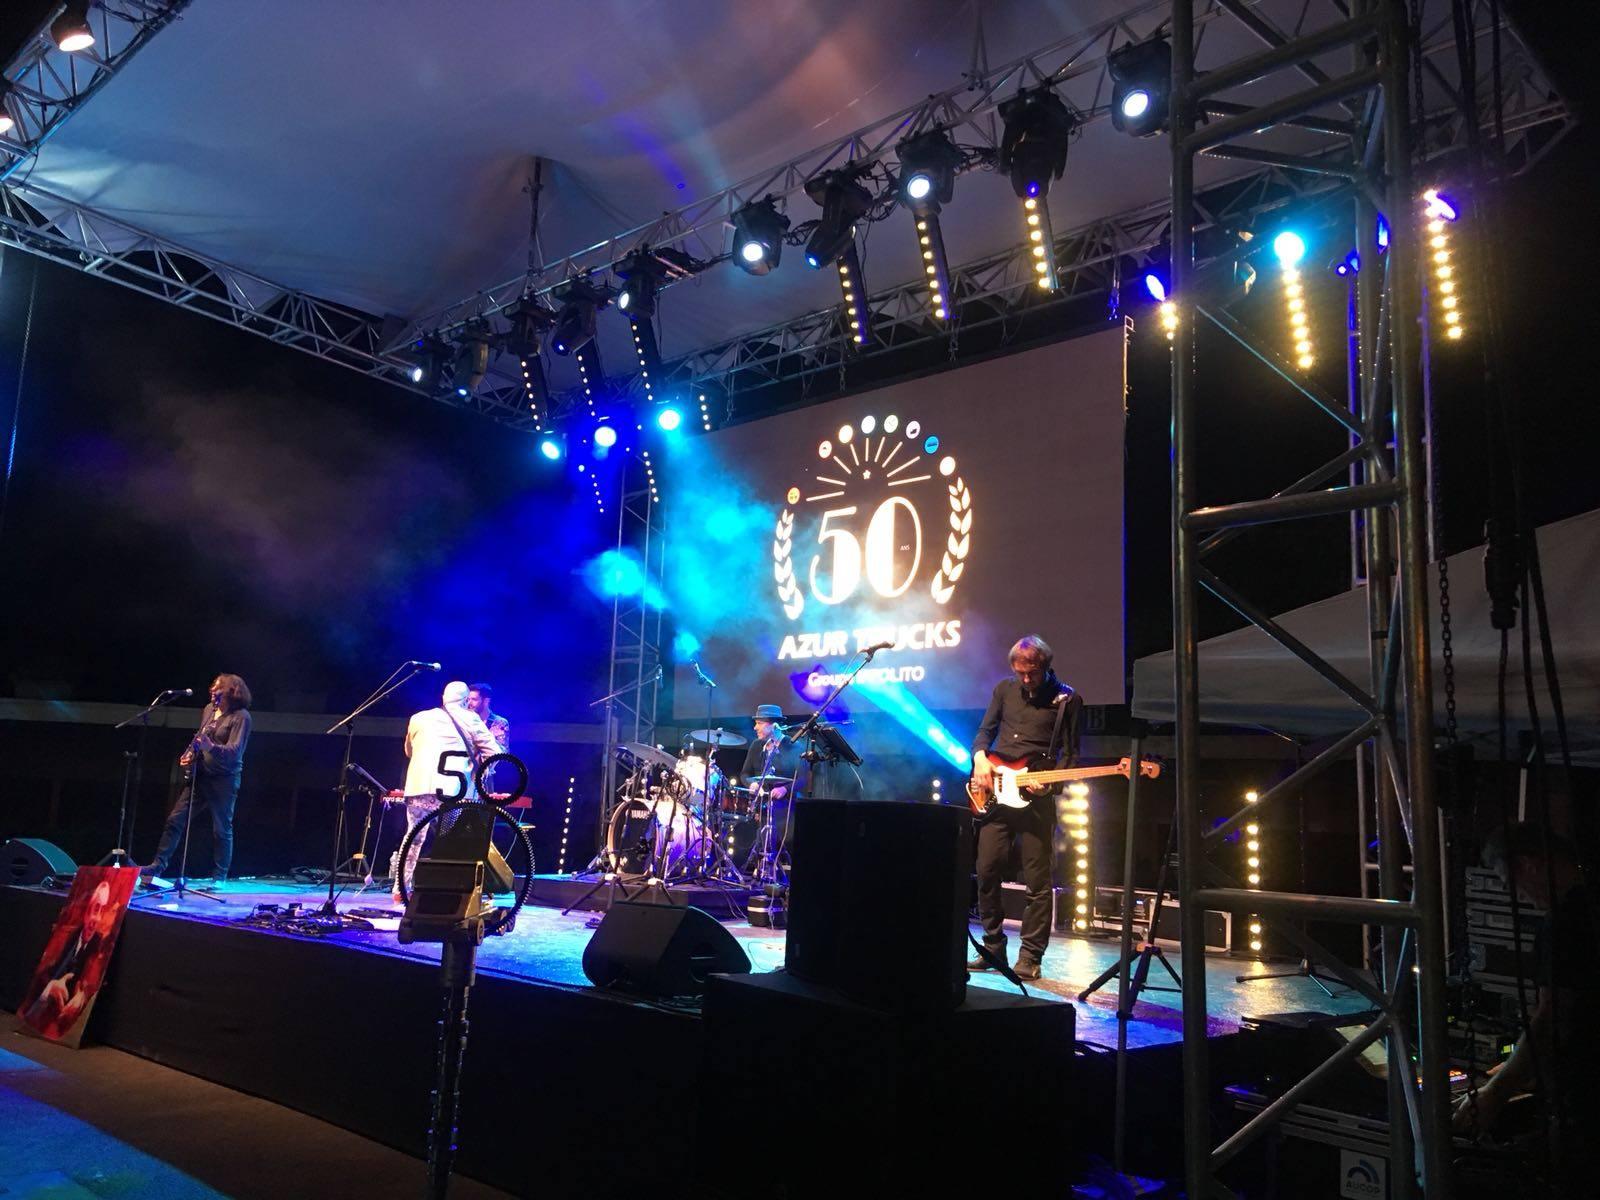 aucop-event-15 juin-azur trucks-groupe ippolito-hippodrome cagnes sur mer-son-eclairage-video-deco-structure-soirée-scene-concert